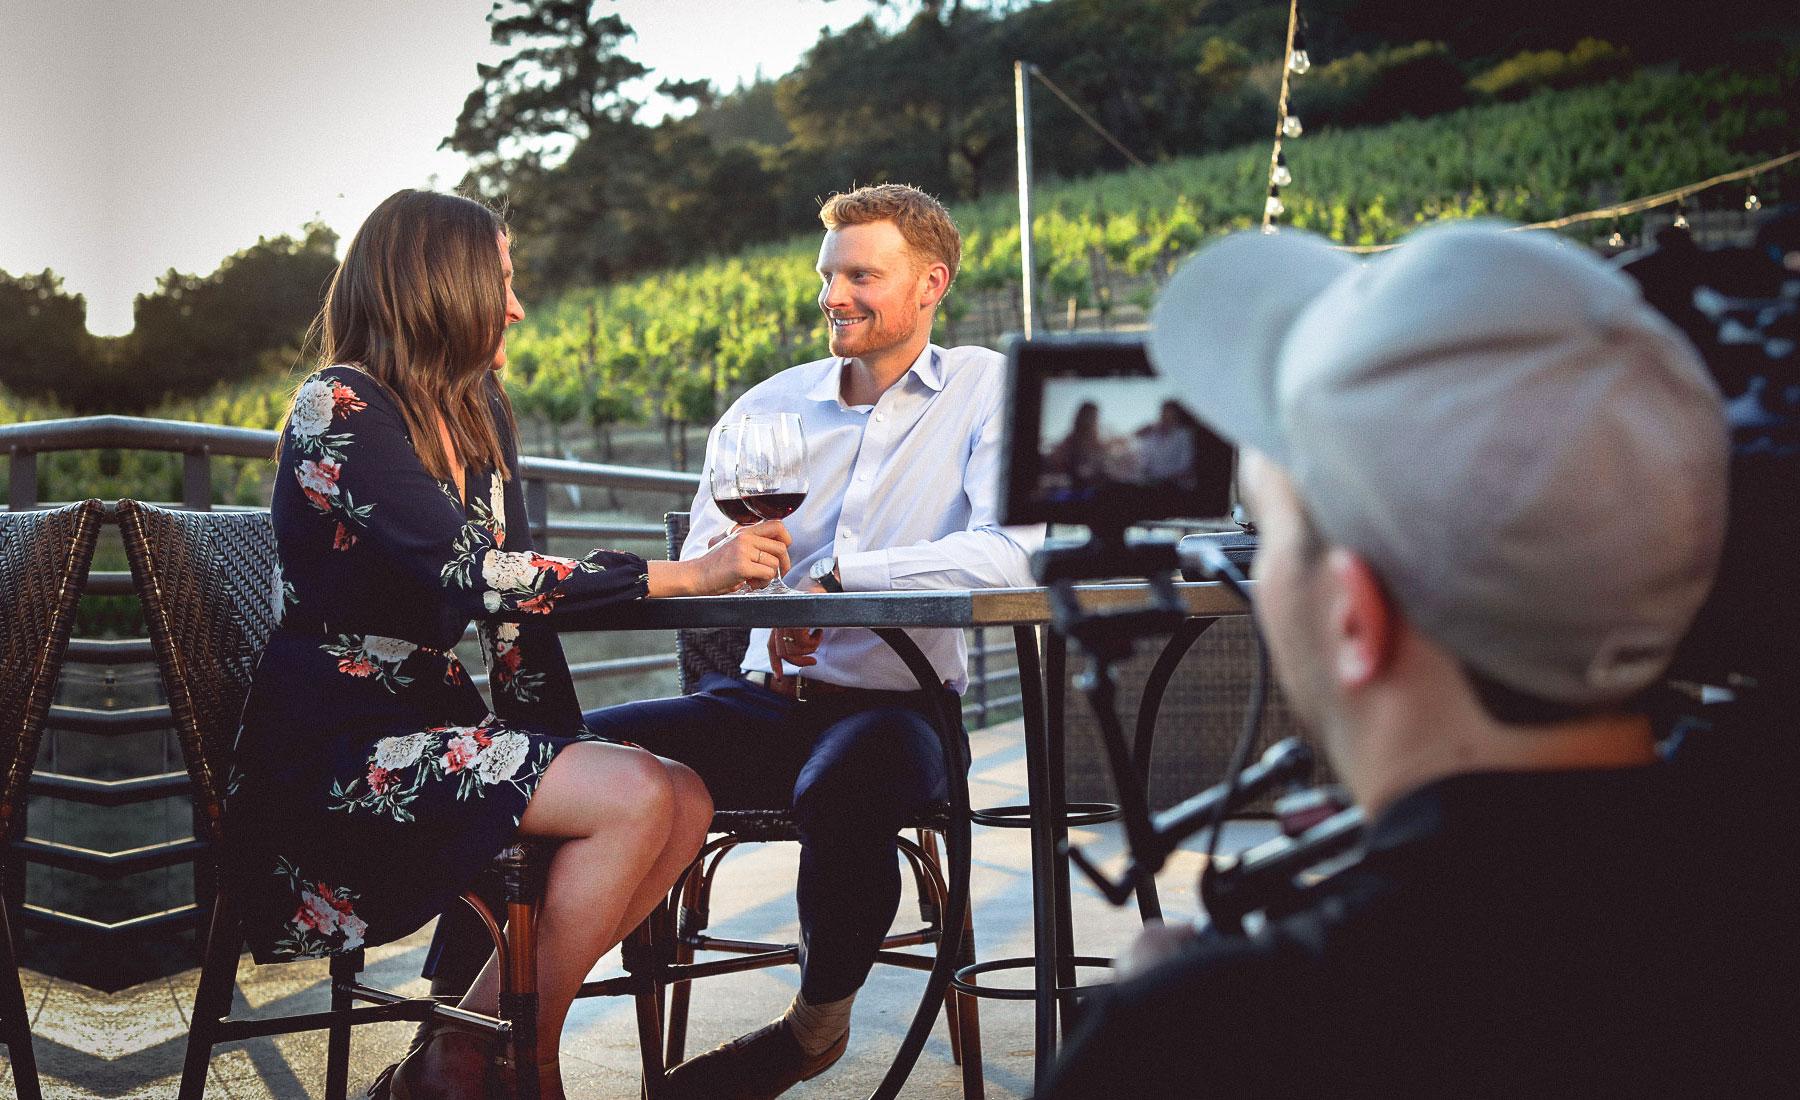 wine tasting video still